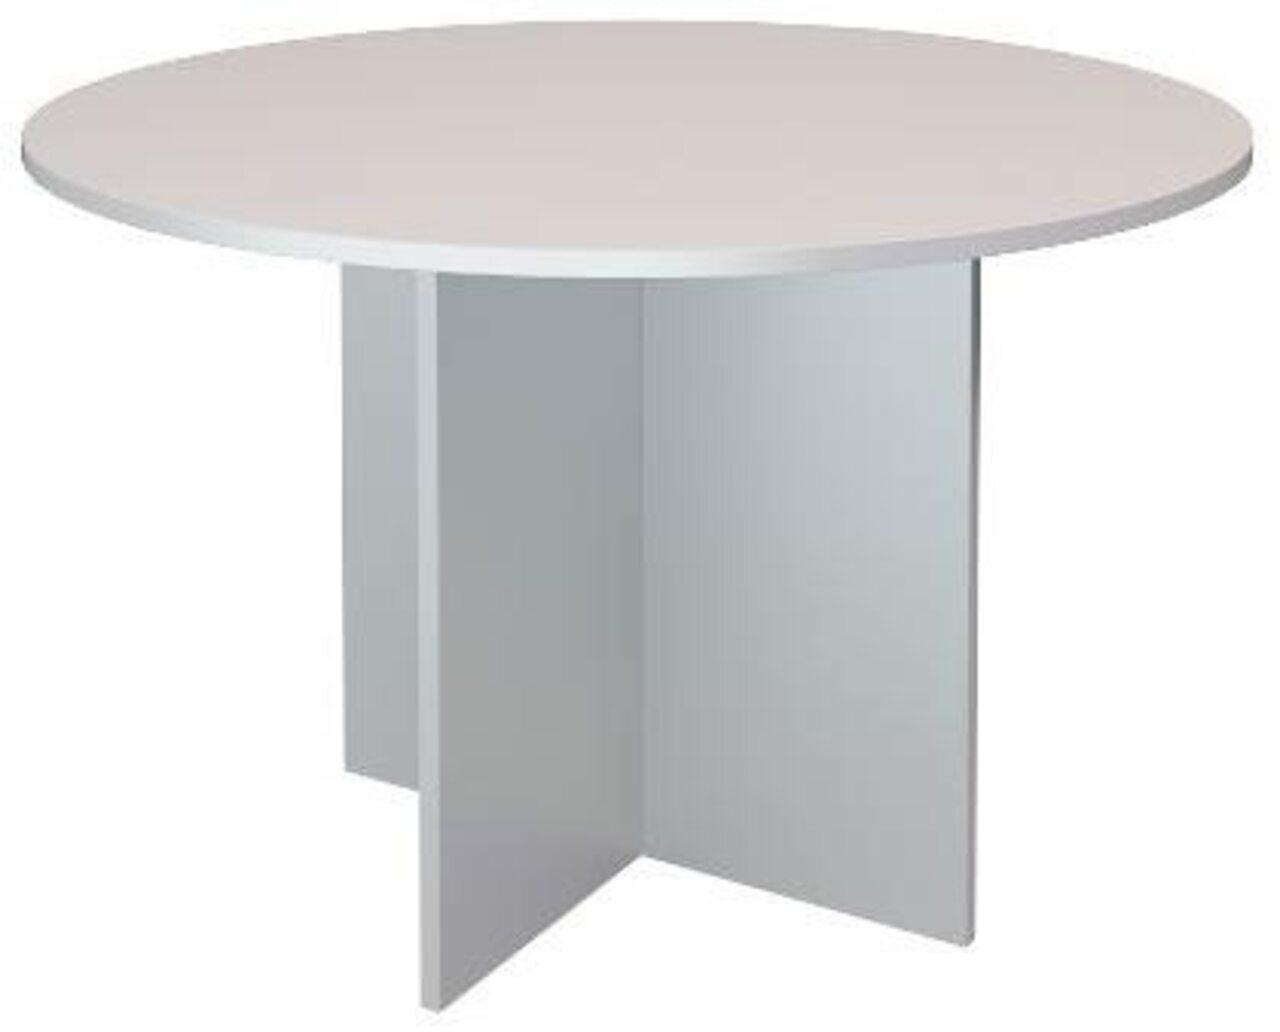 Стол для переговоров Арго 120x120x76 - фото 4